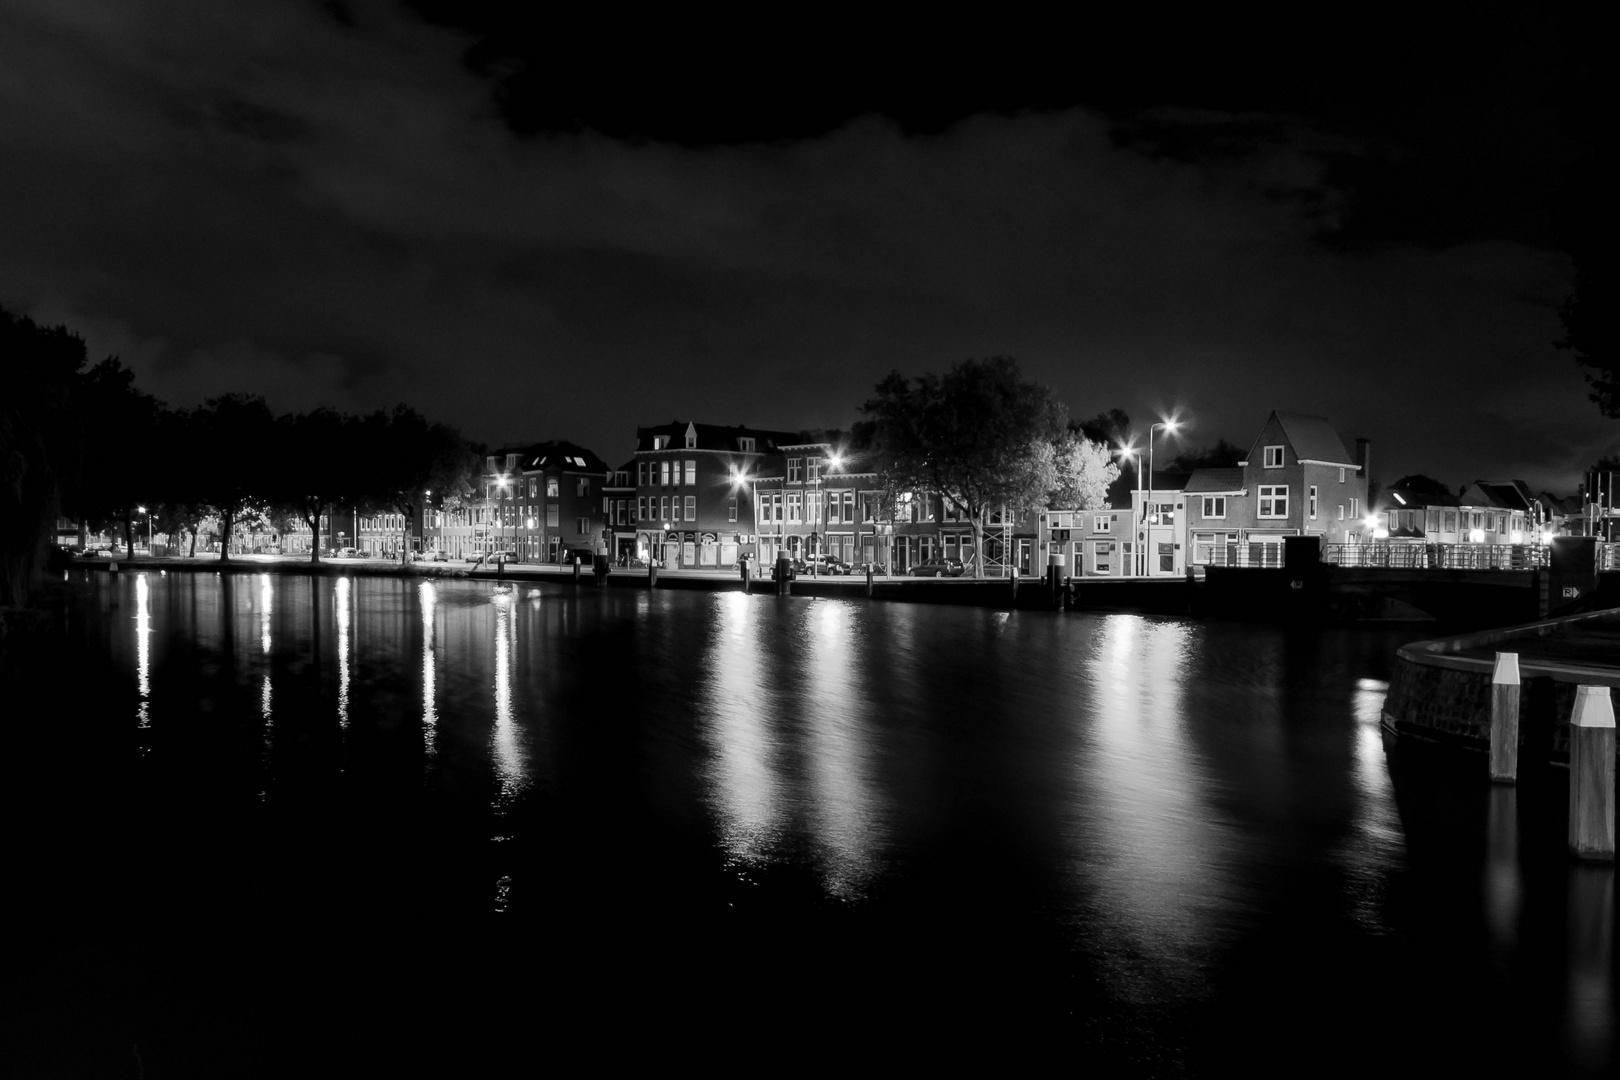 Delft 2 - Netherlands